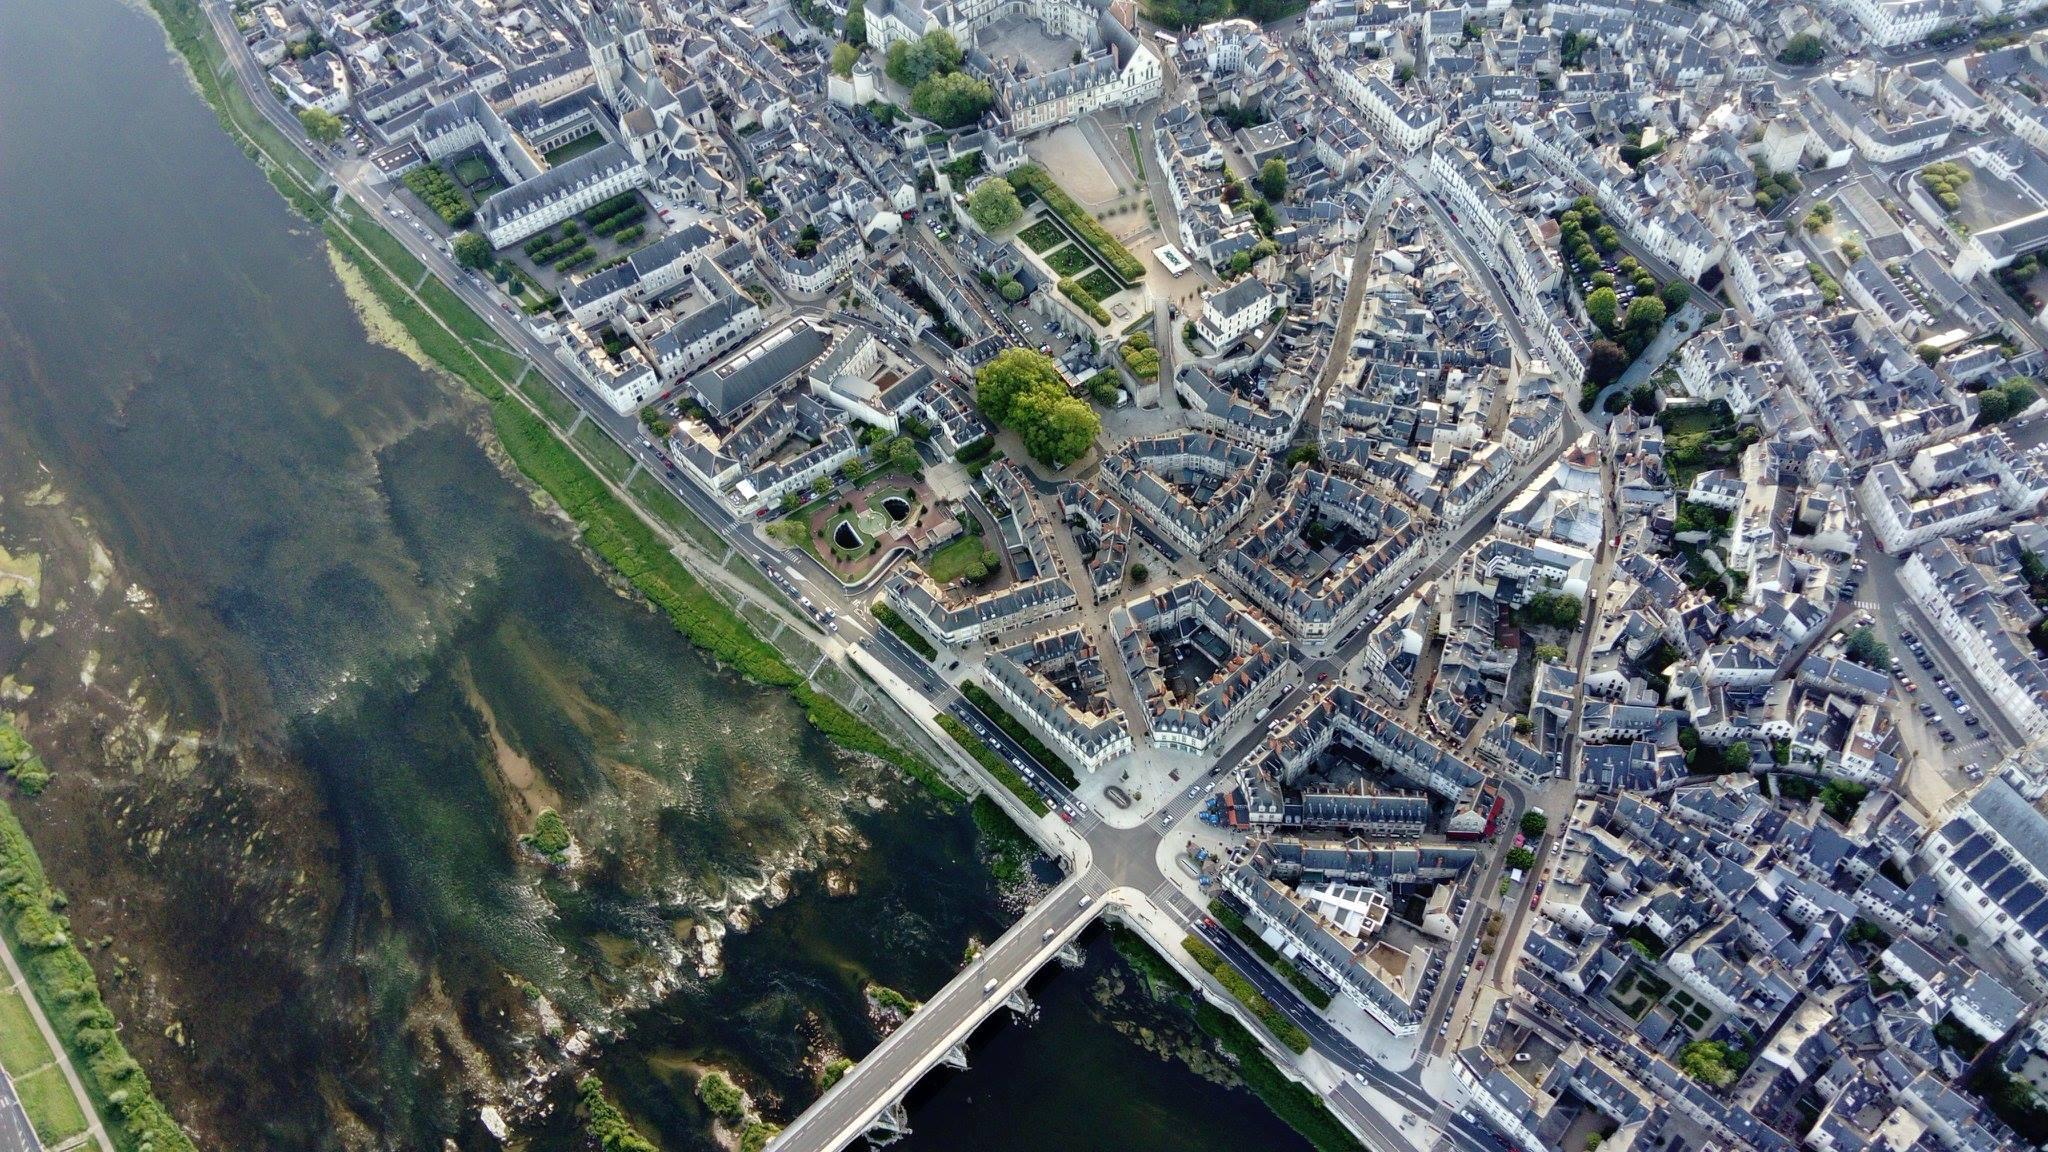 Au Gré des Vents - Blois